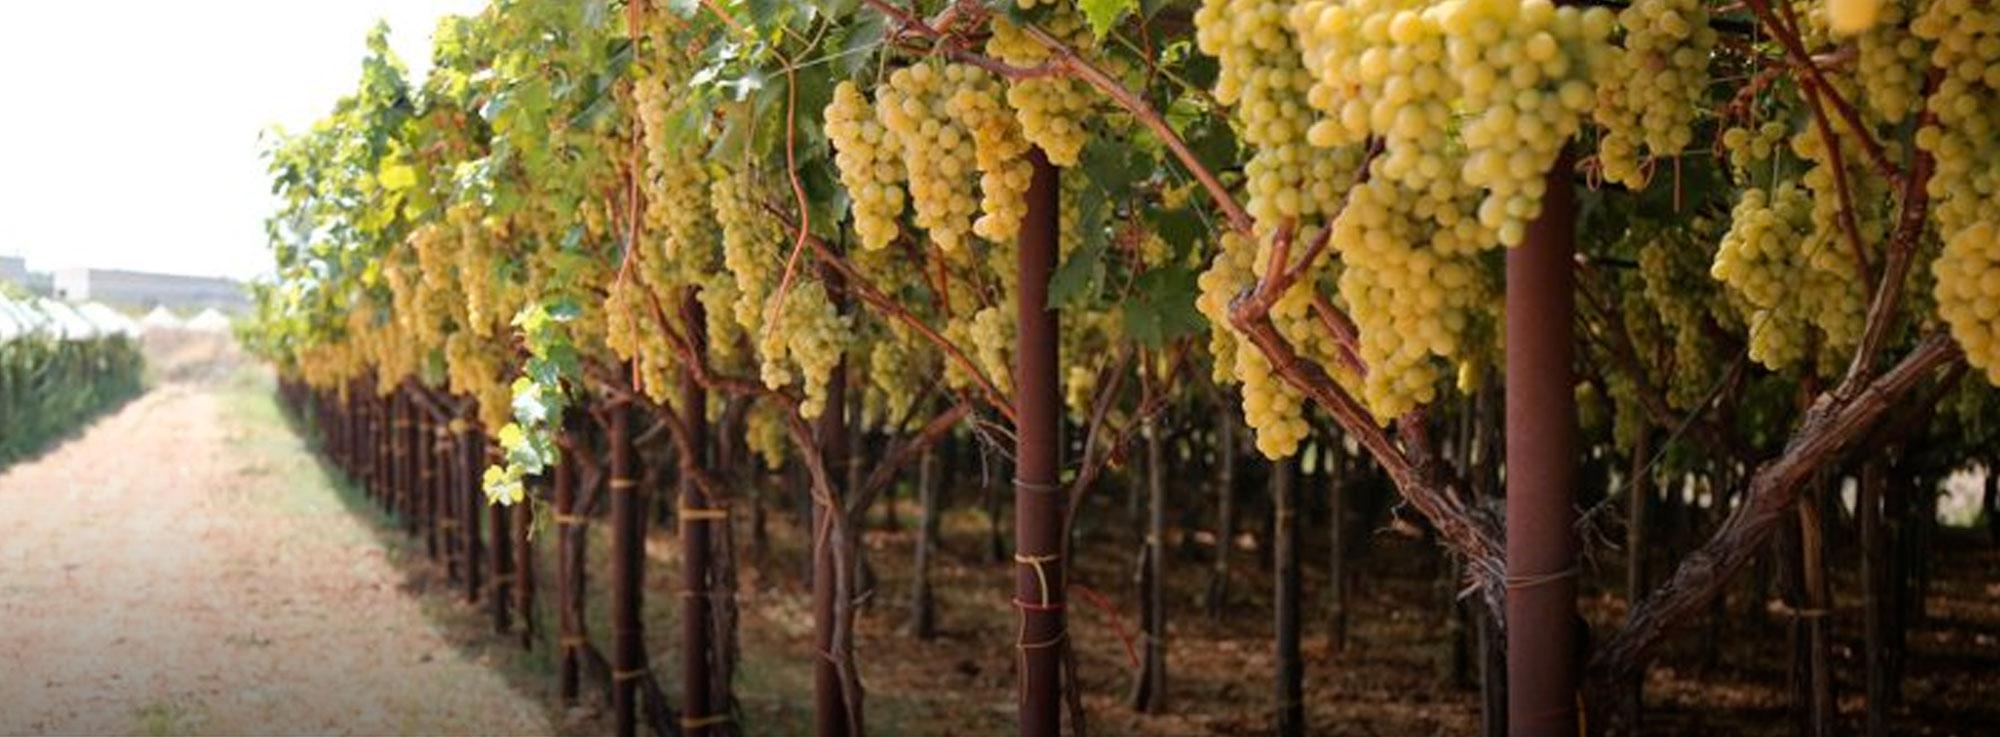 Fasano: La via dell'uva